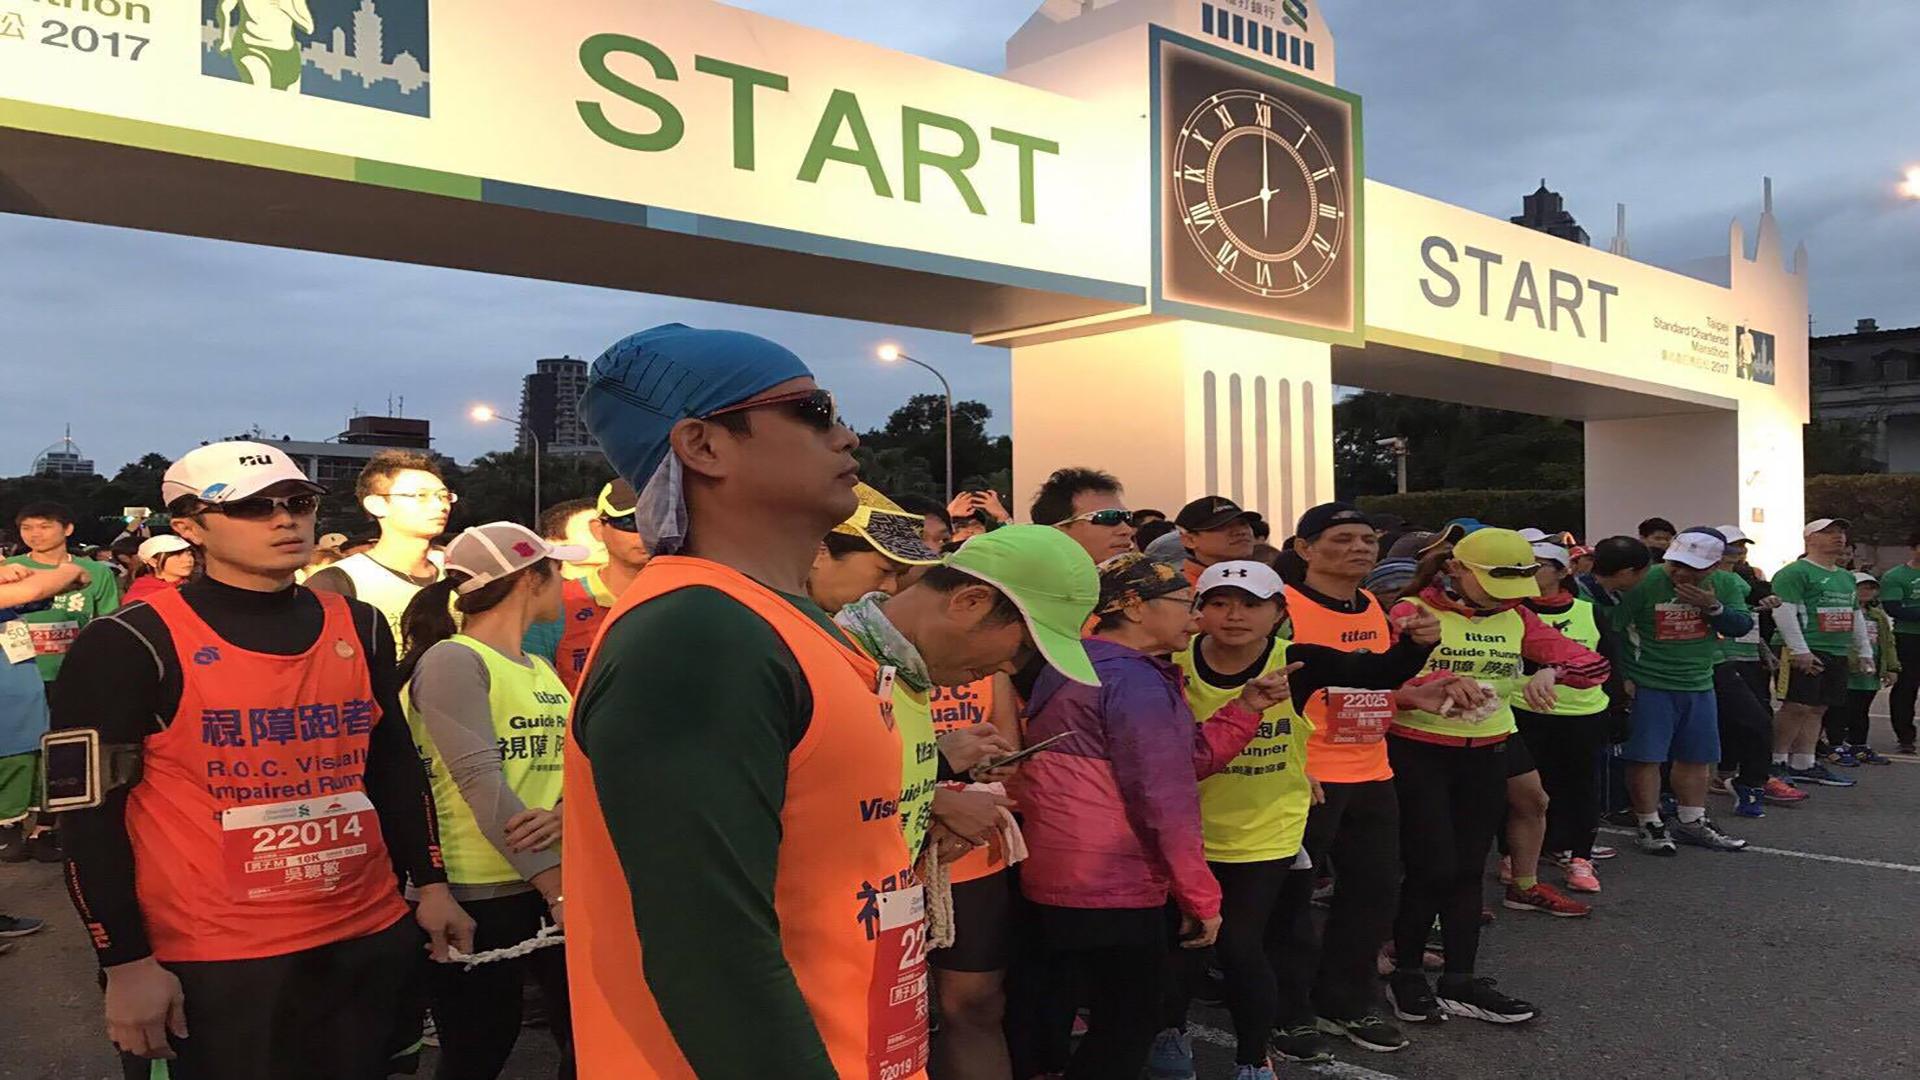 參與台北渣打馬拉松的視障選手出發前。圖片來源/簡佩玲提供